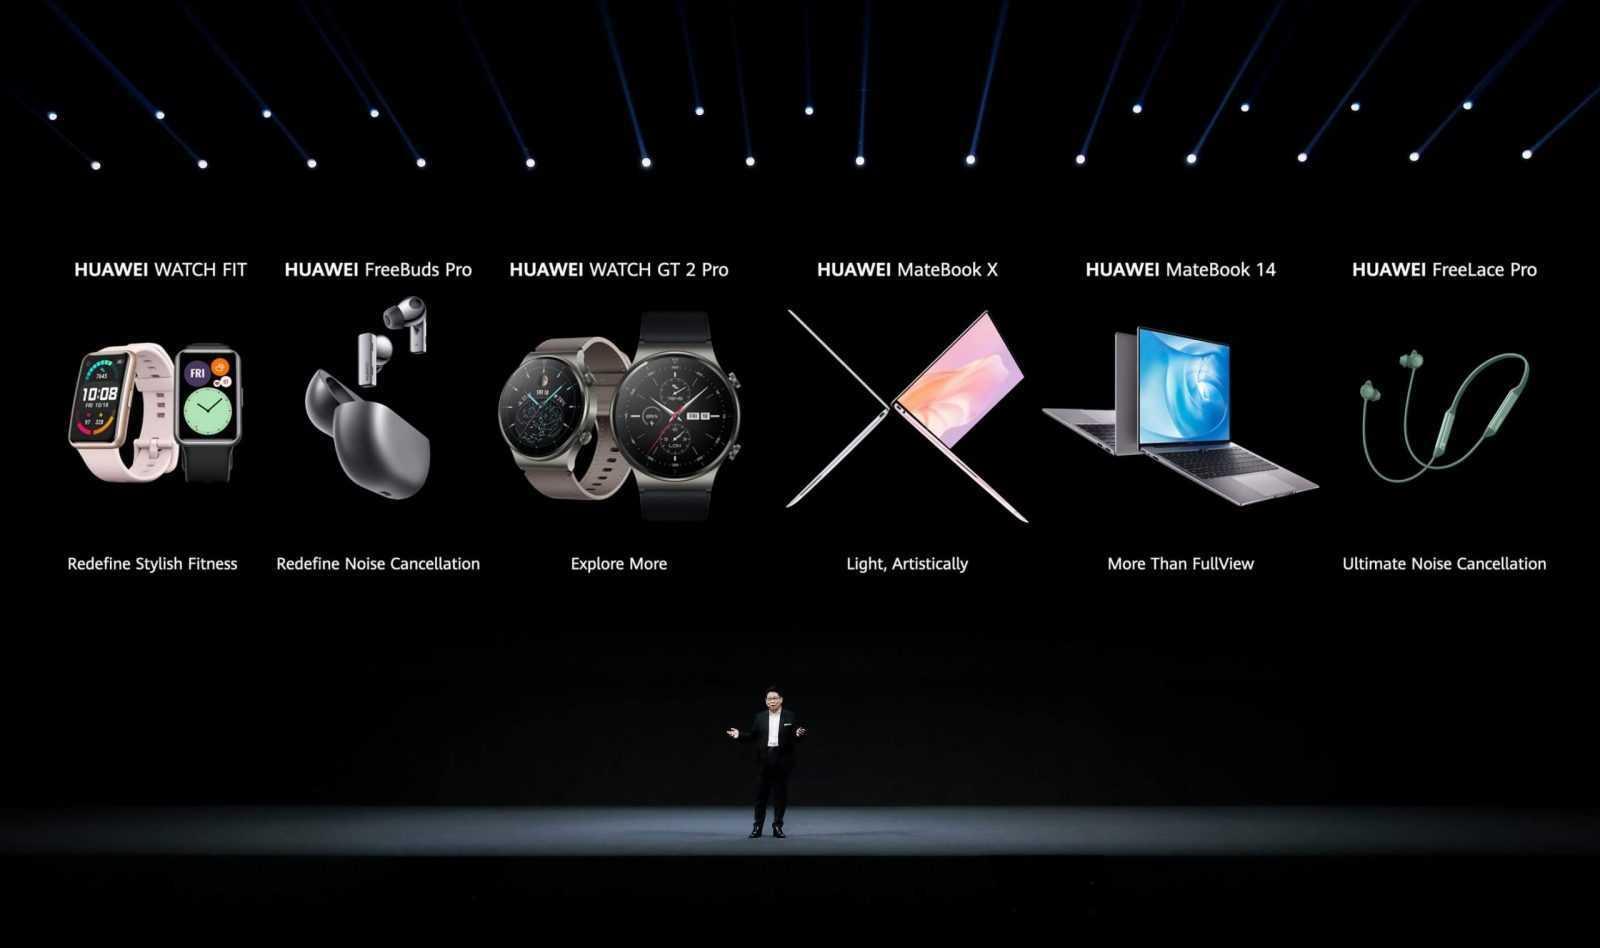 Jaunākais papildinājums Huawei klēpjdatoru ģimenē – Huawei MateBook X